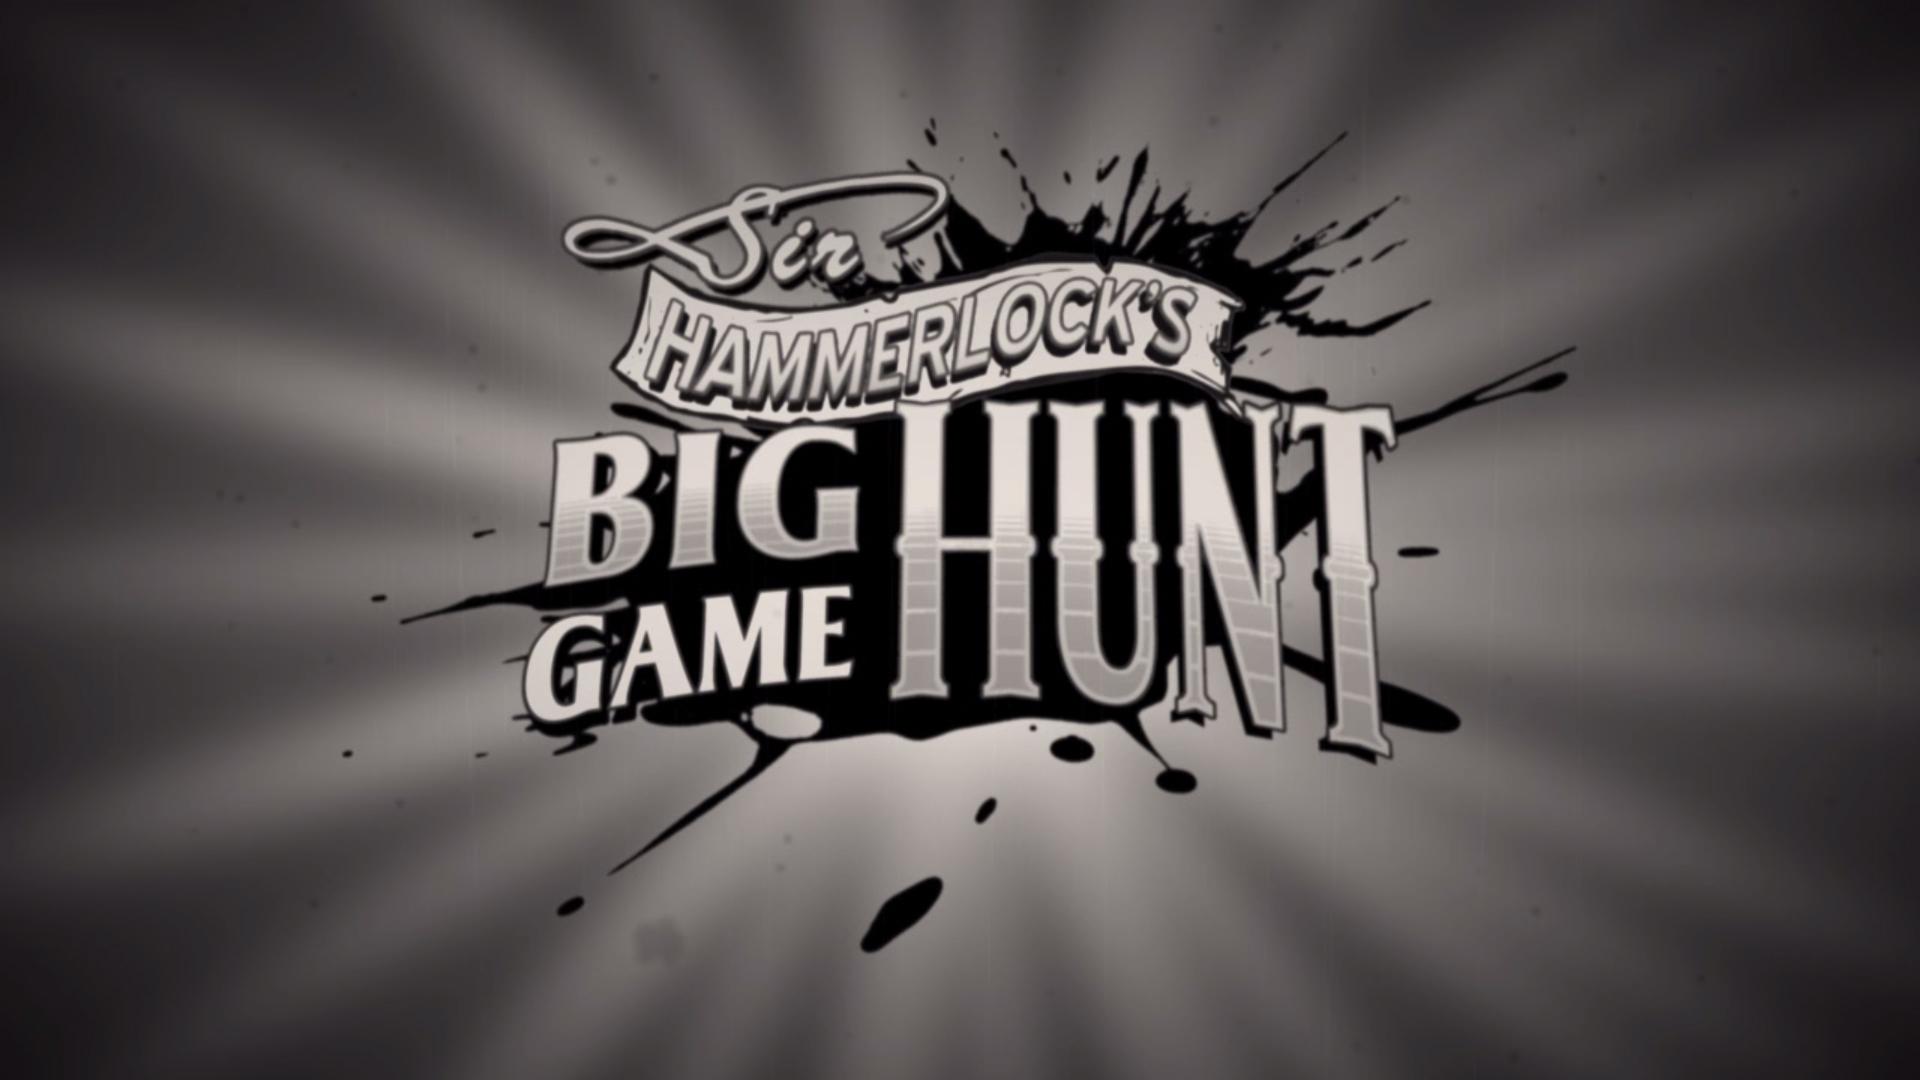 Borderlands 2 Sir Hammer Lock Big Game Hunt Bosses - warriorsoup